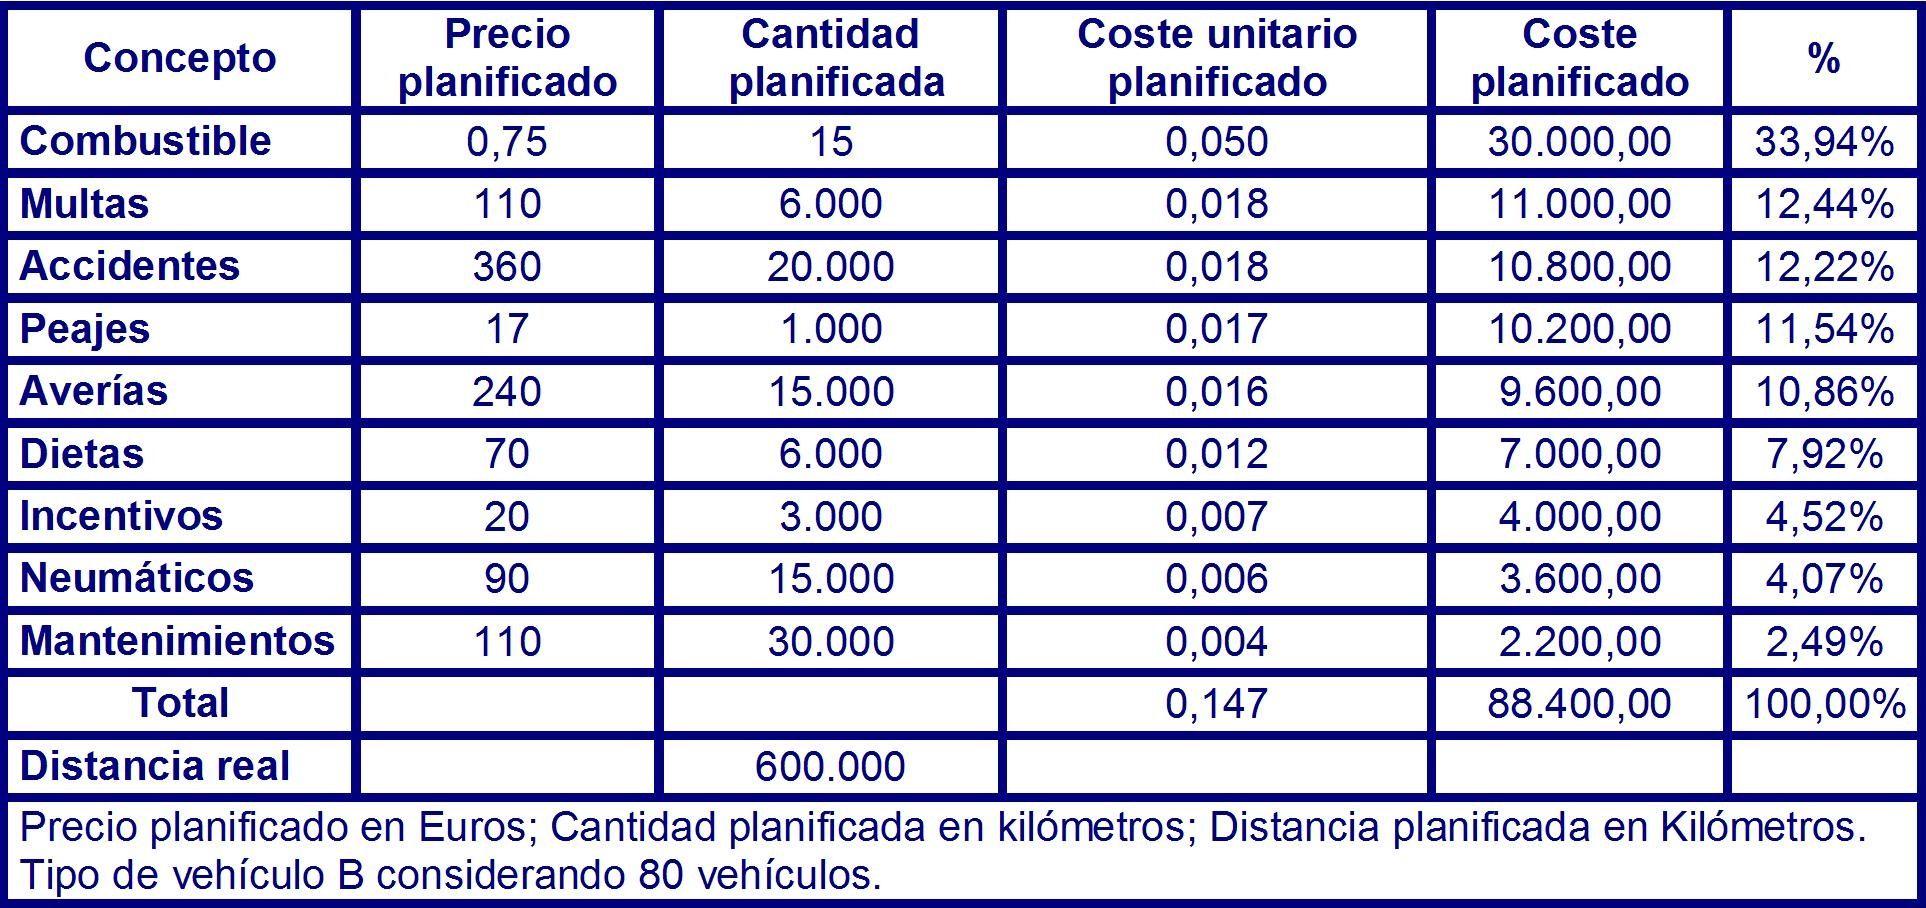 Tabla 72 costes planificados para el vehículo del tipo B en el instante T3 para 80 vehículos.